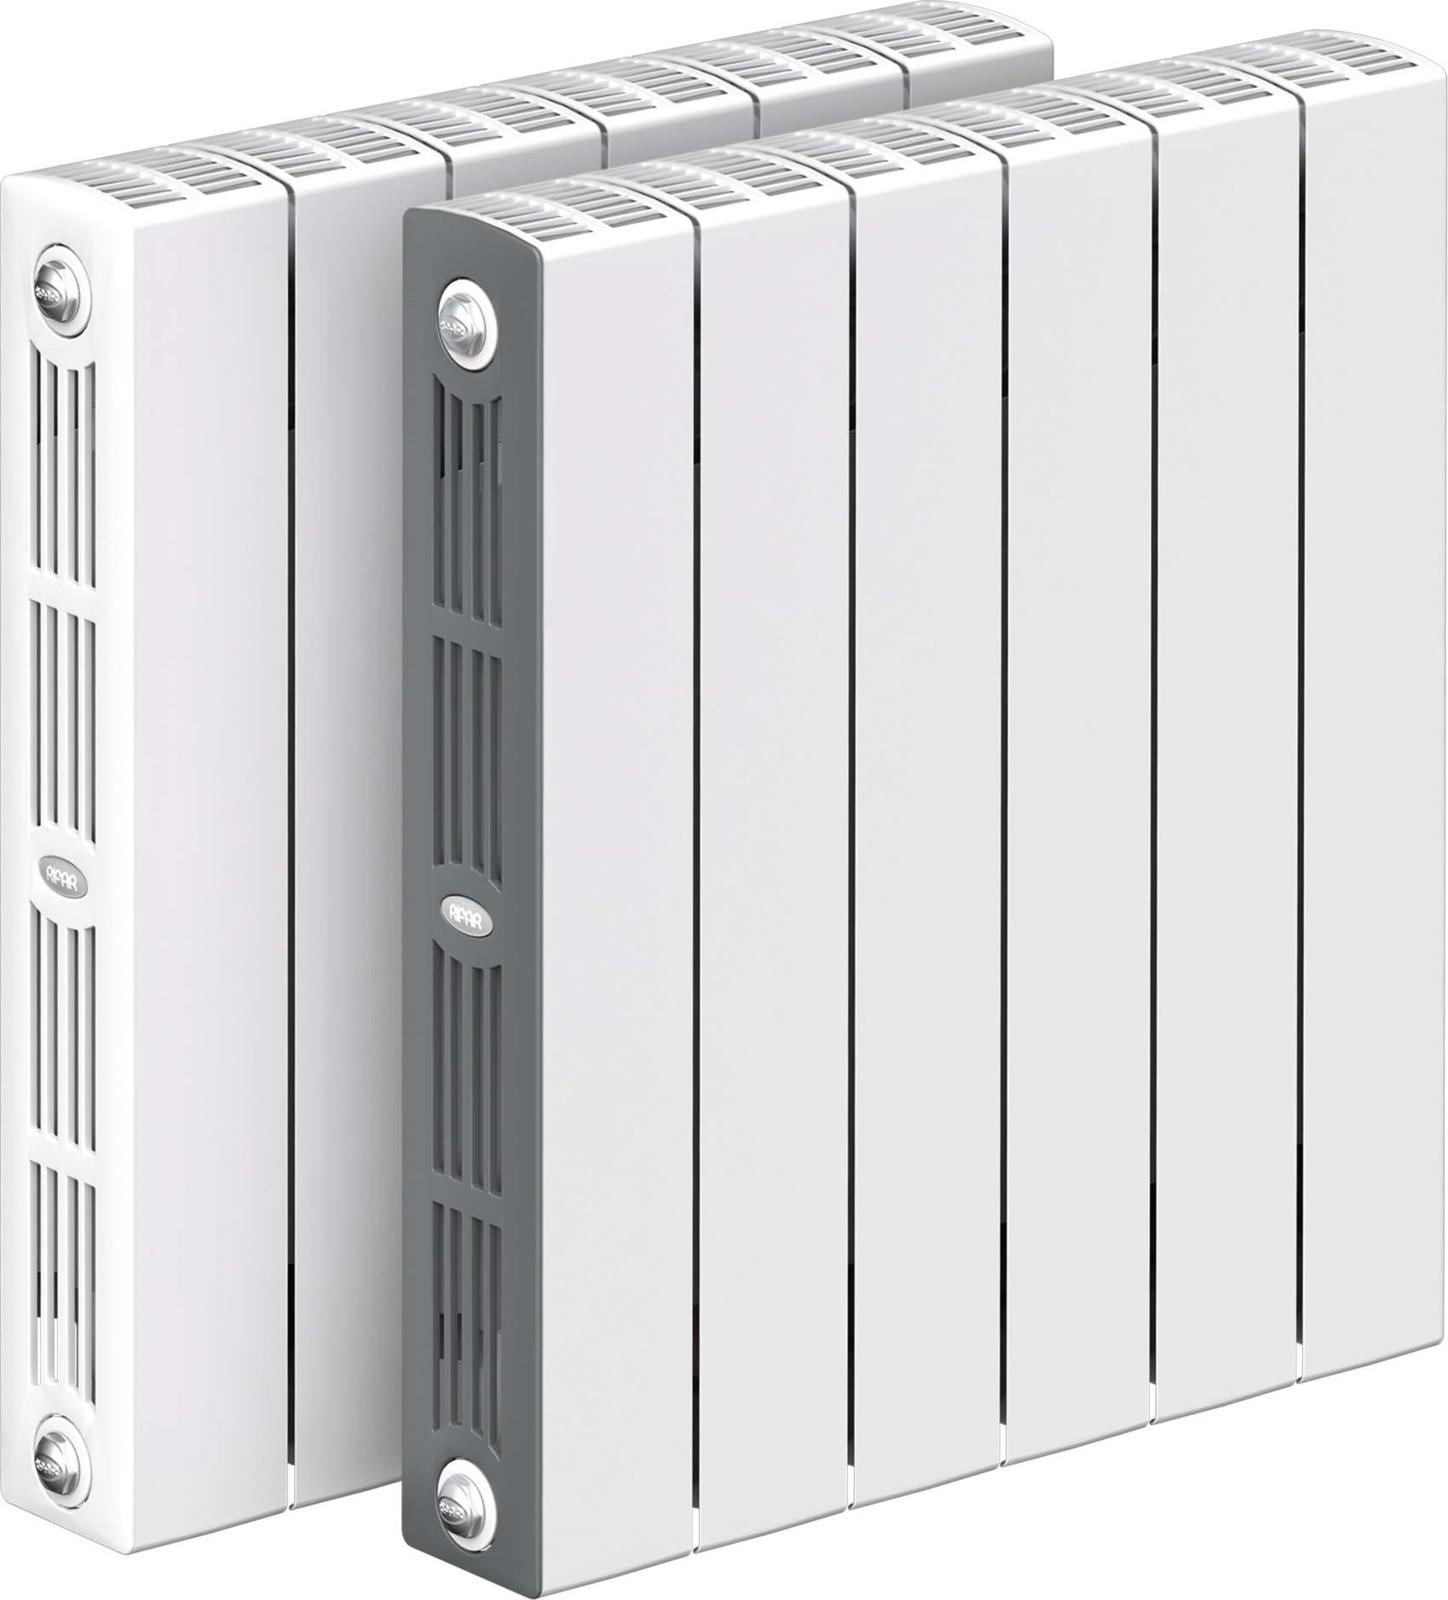 все цены на Секционный радиатор Rifar Supremo 500, биметаллический, RIFAR S 500-9, белый, 9 секций онлайн